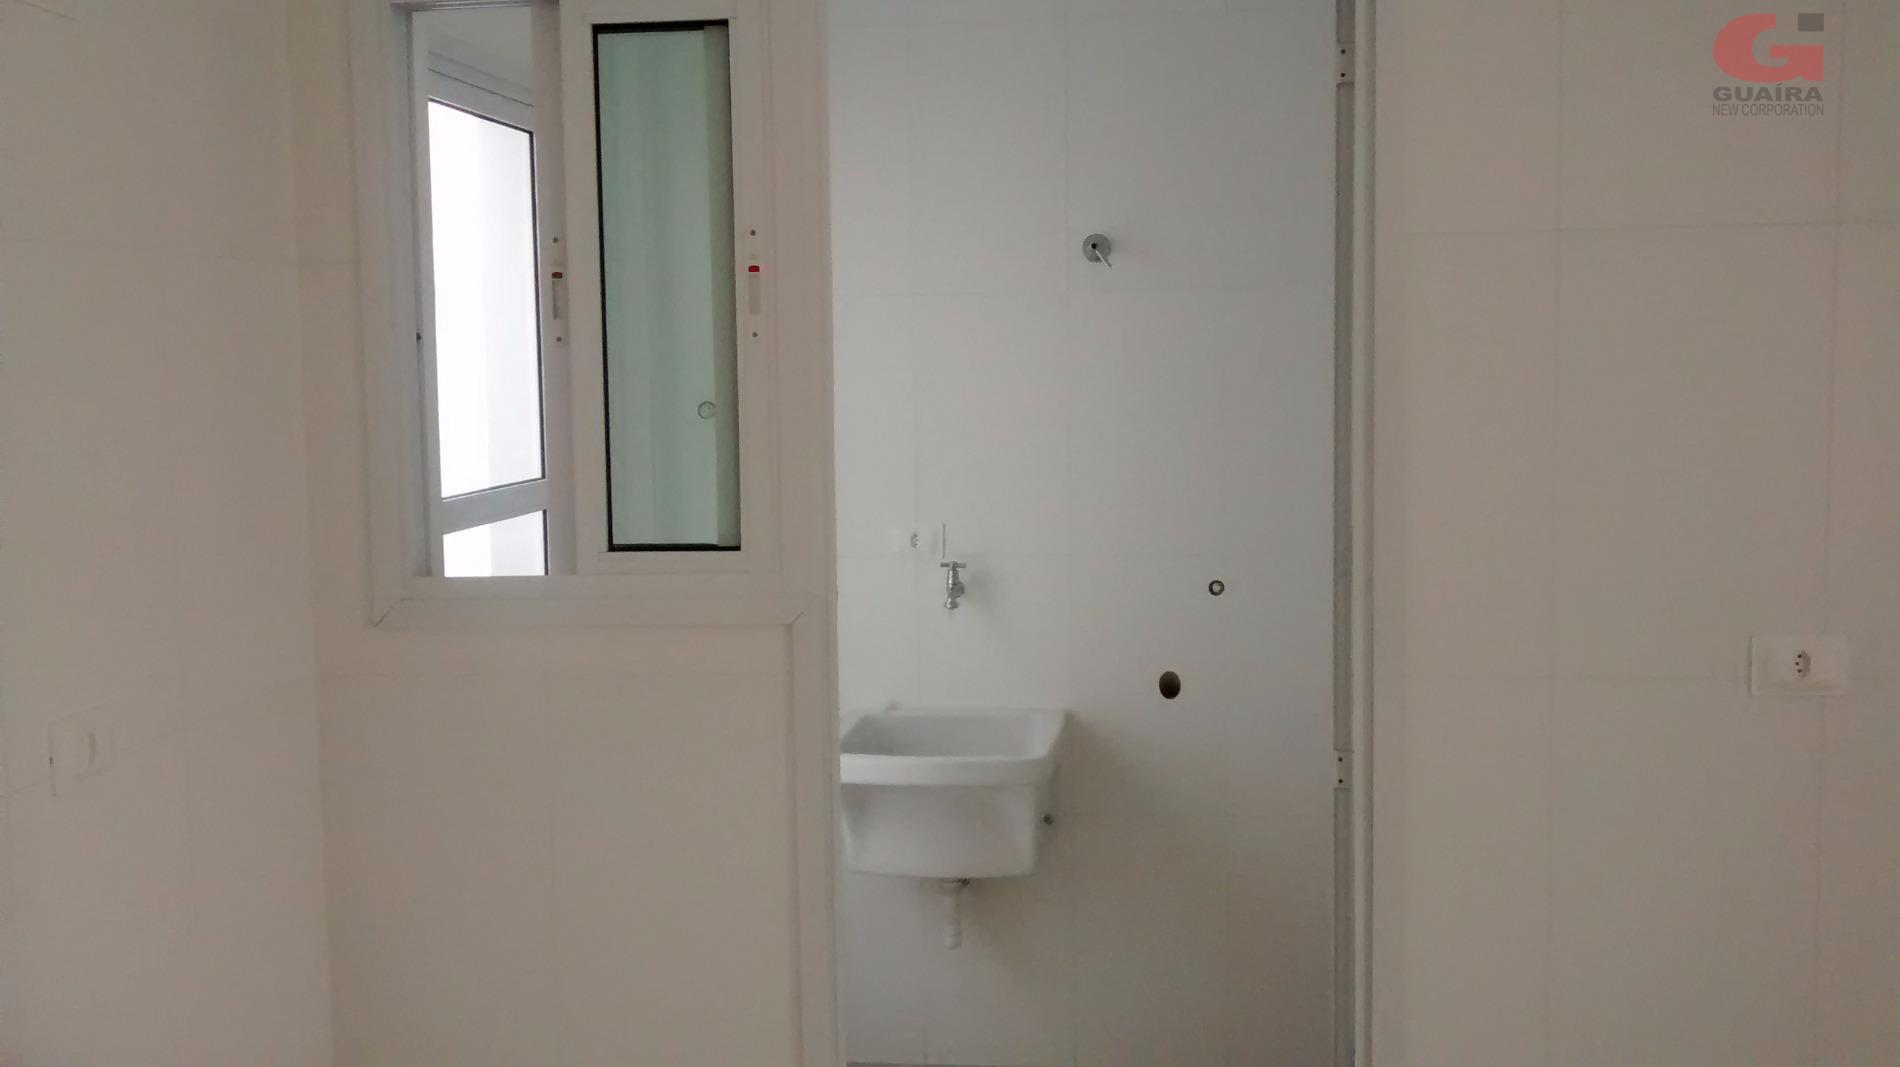 Cobertura de 3 dormitórios em Bairro Jardim, Santo André - SP